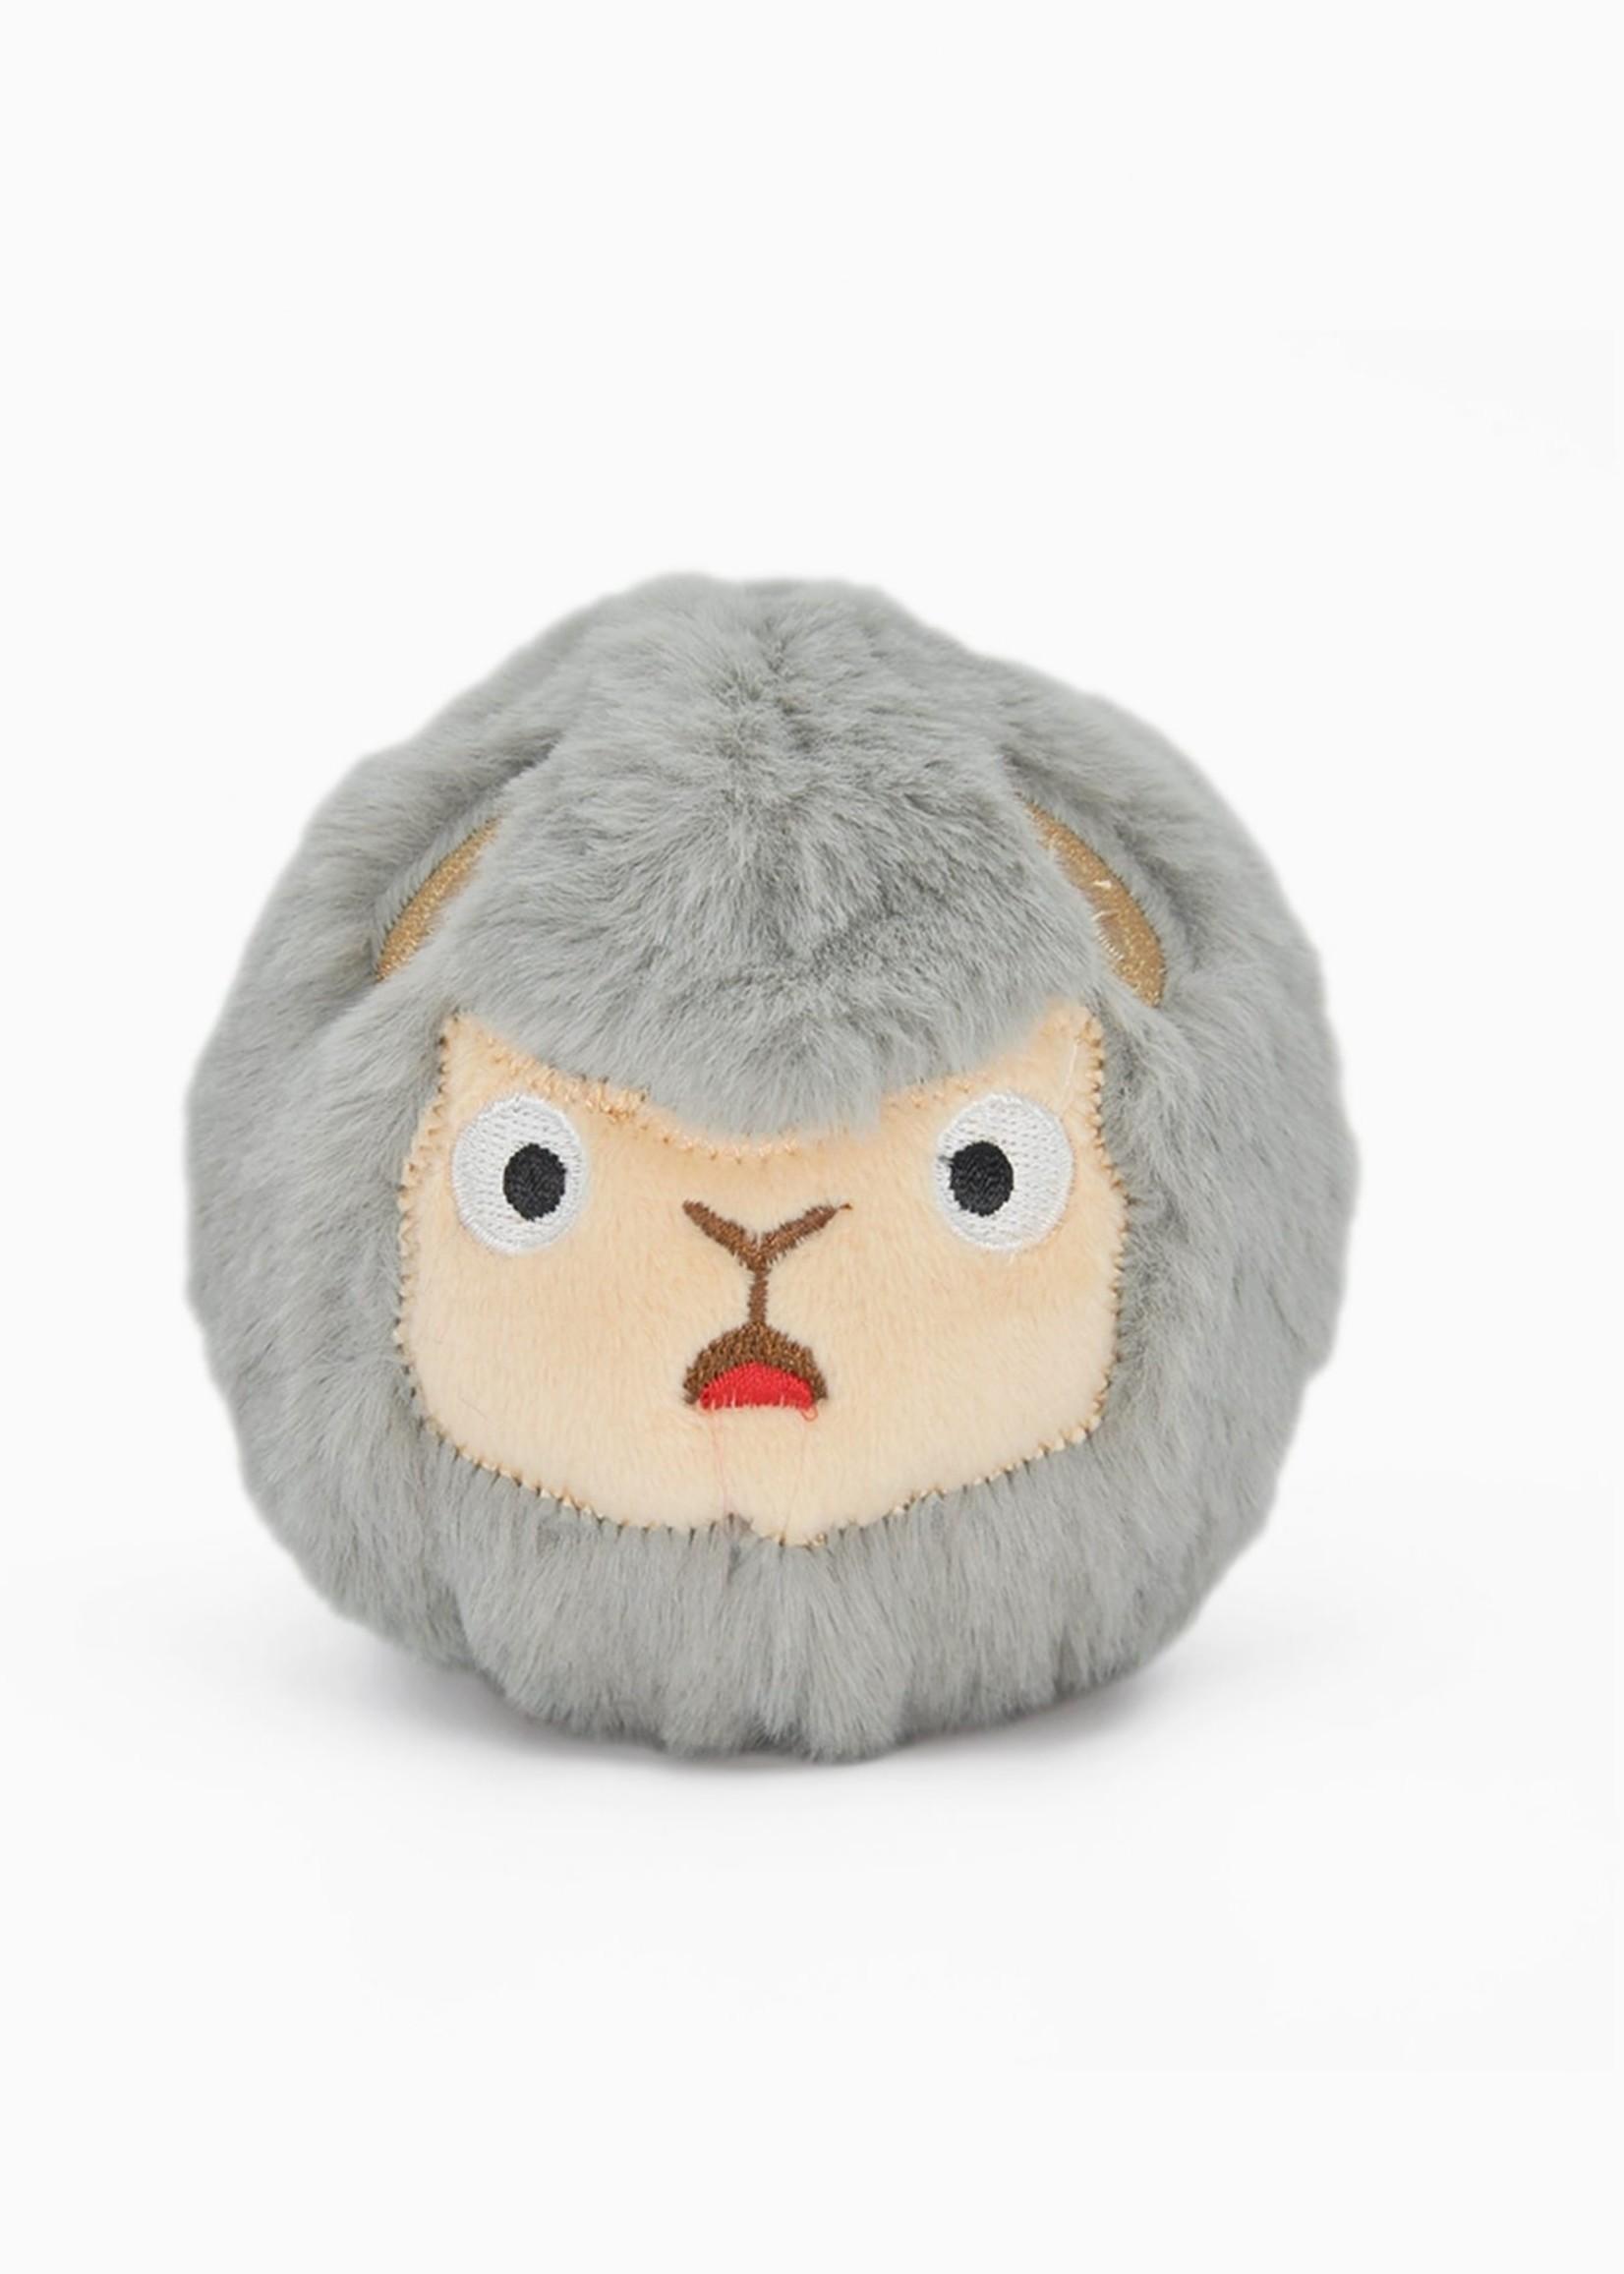 HUGSMART HUGSMART PET- ZOO BALL SHEEP